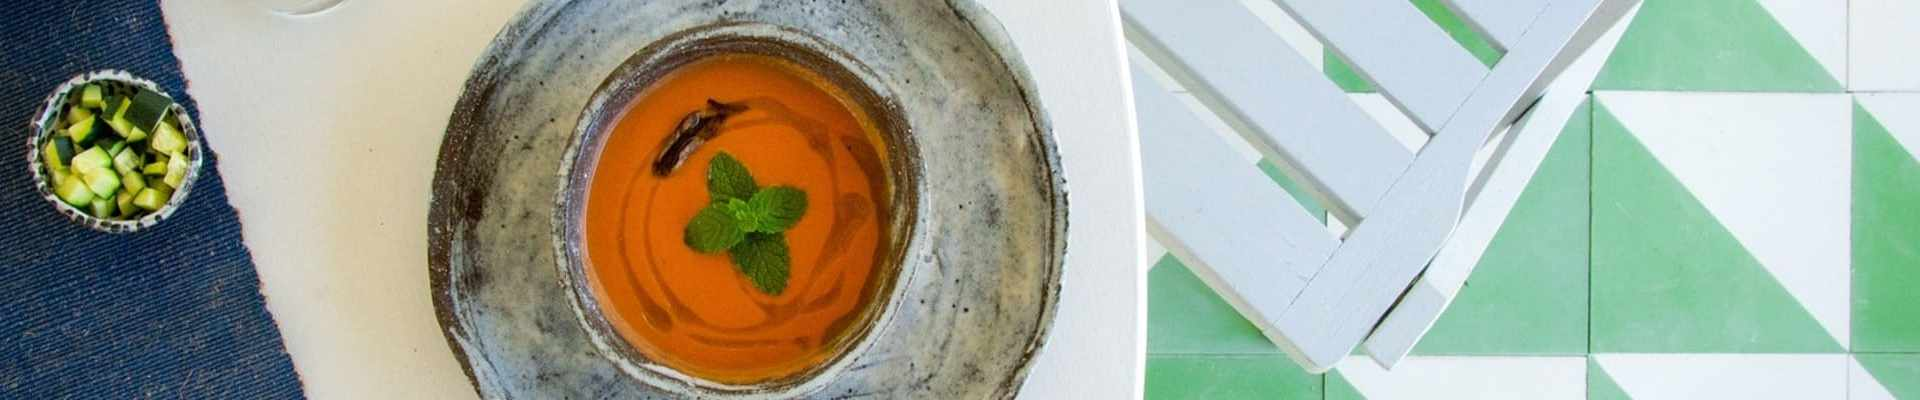 La receta del gazpacho con Thermomix - Glovo